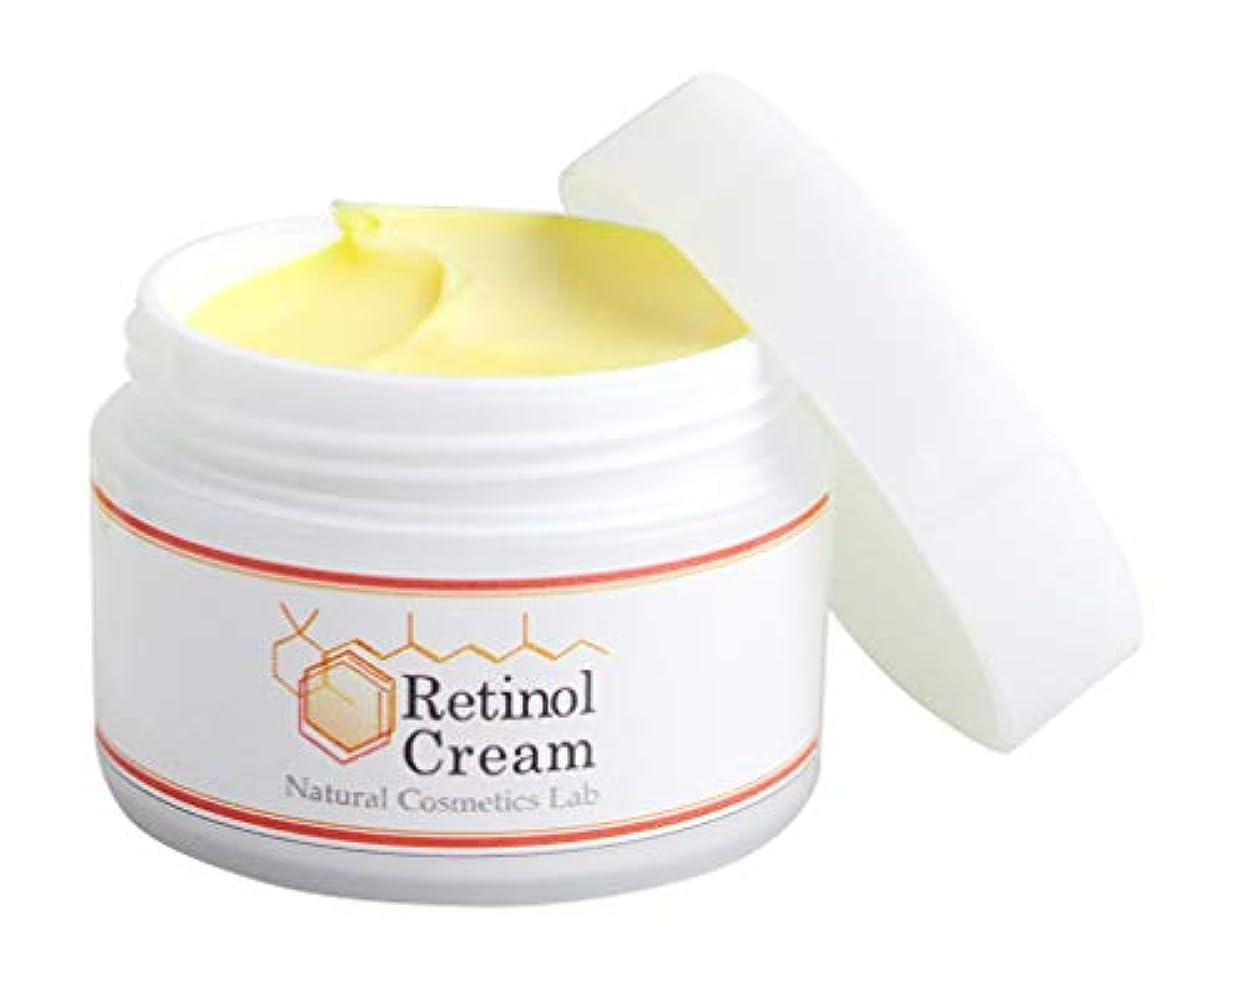 レジデンス自信があるオーストラリア人自然化粧品研究所 レチノールクリーム 35g